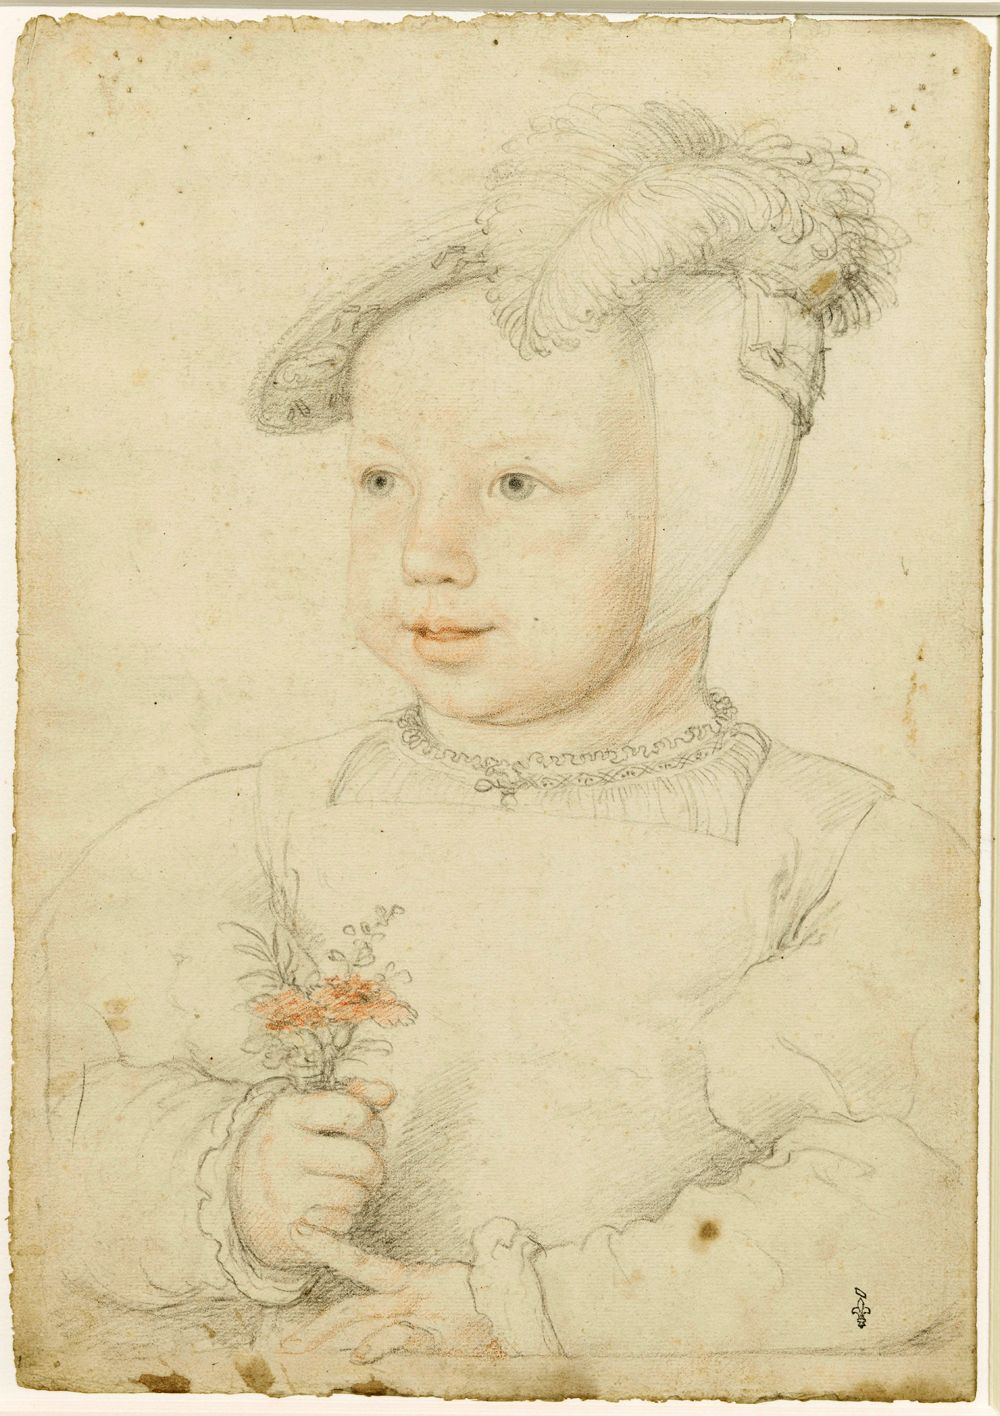 François dauphin de France- François Clouet   © RMN   Musee Conde, Chantilly, France